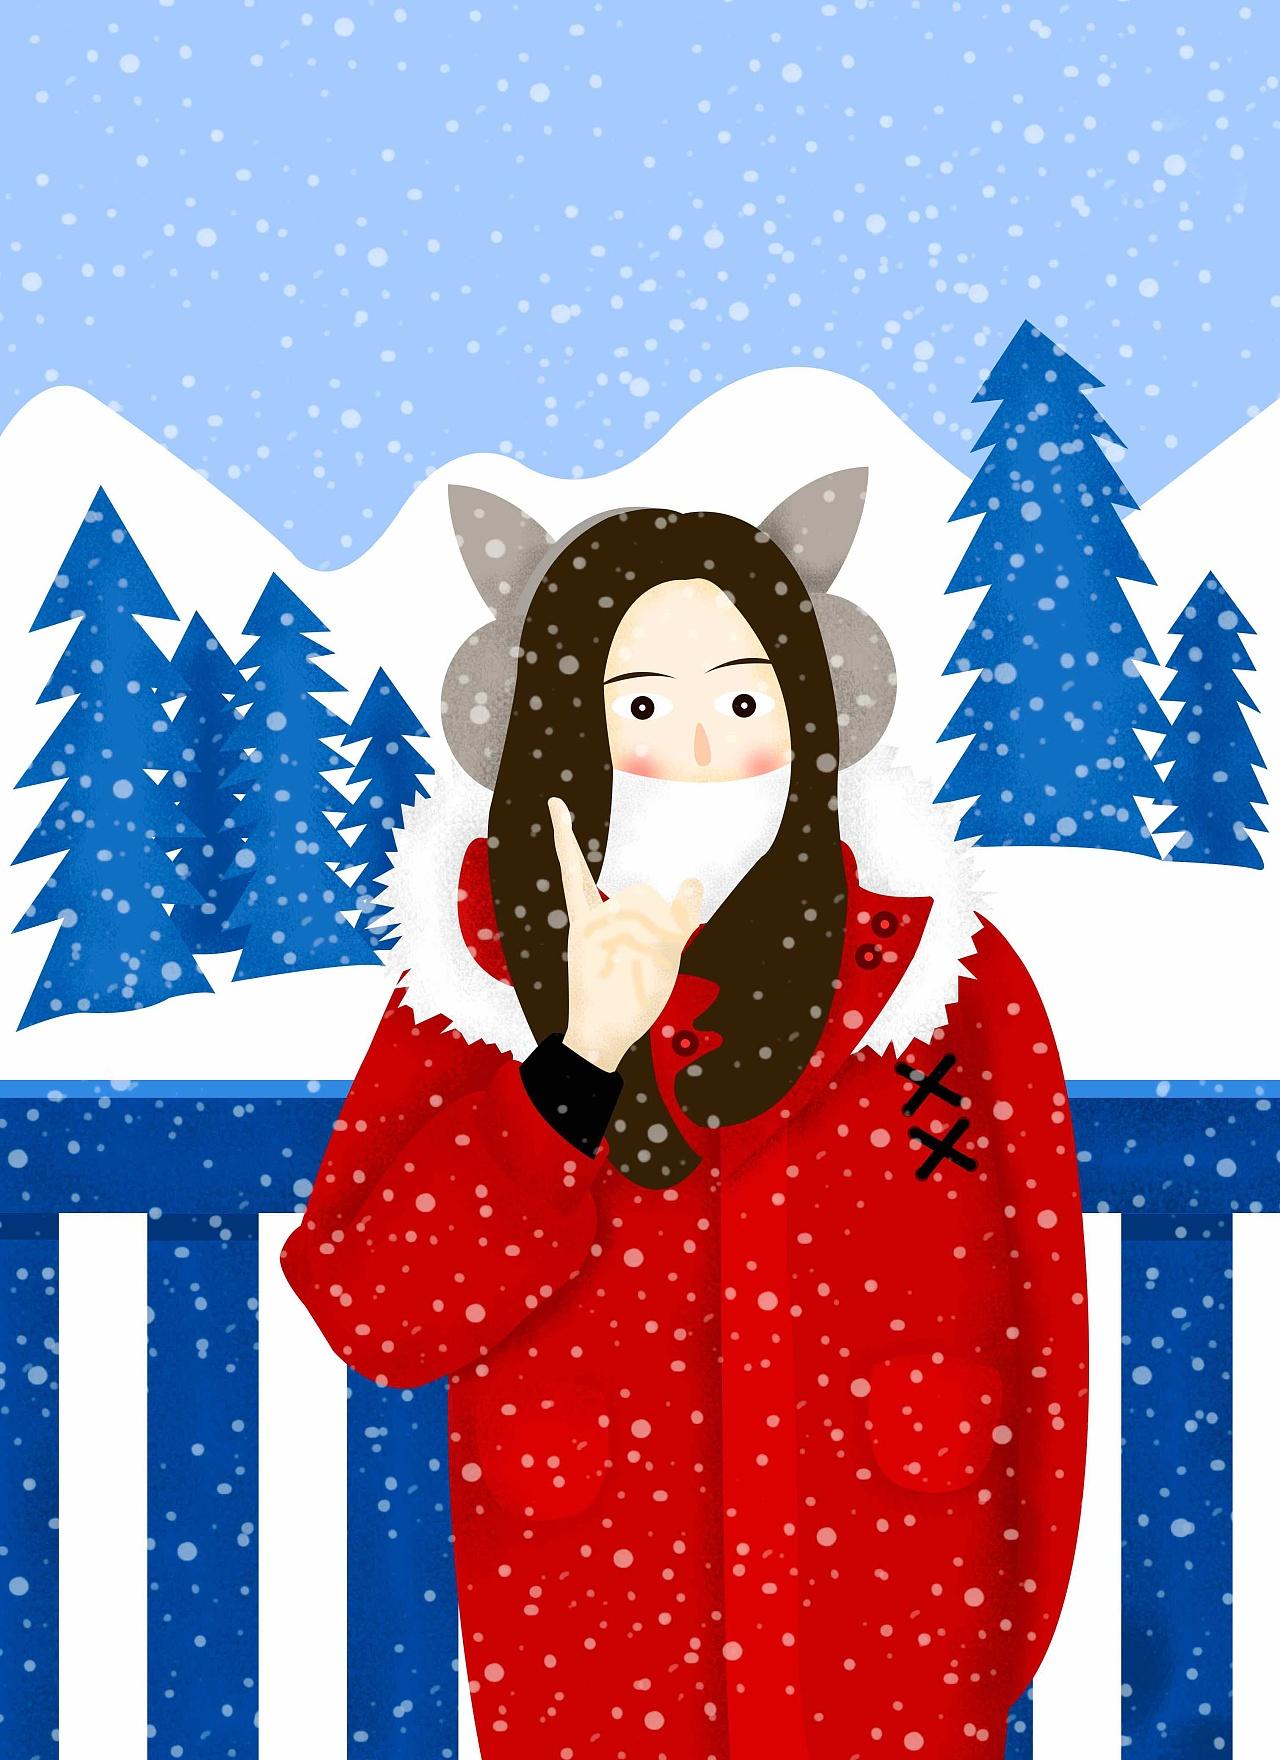 下雪 插画 插画习作 风里有诗句Rae - 原创作品